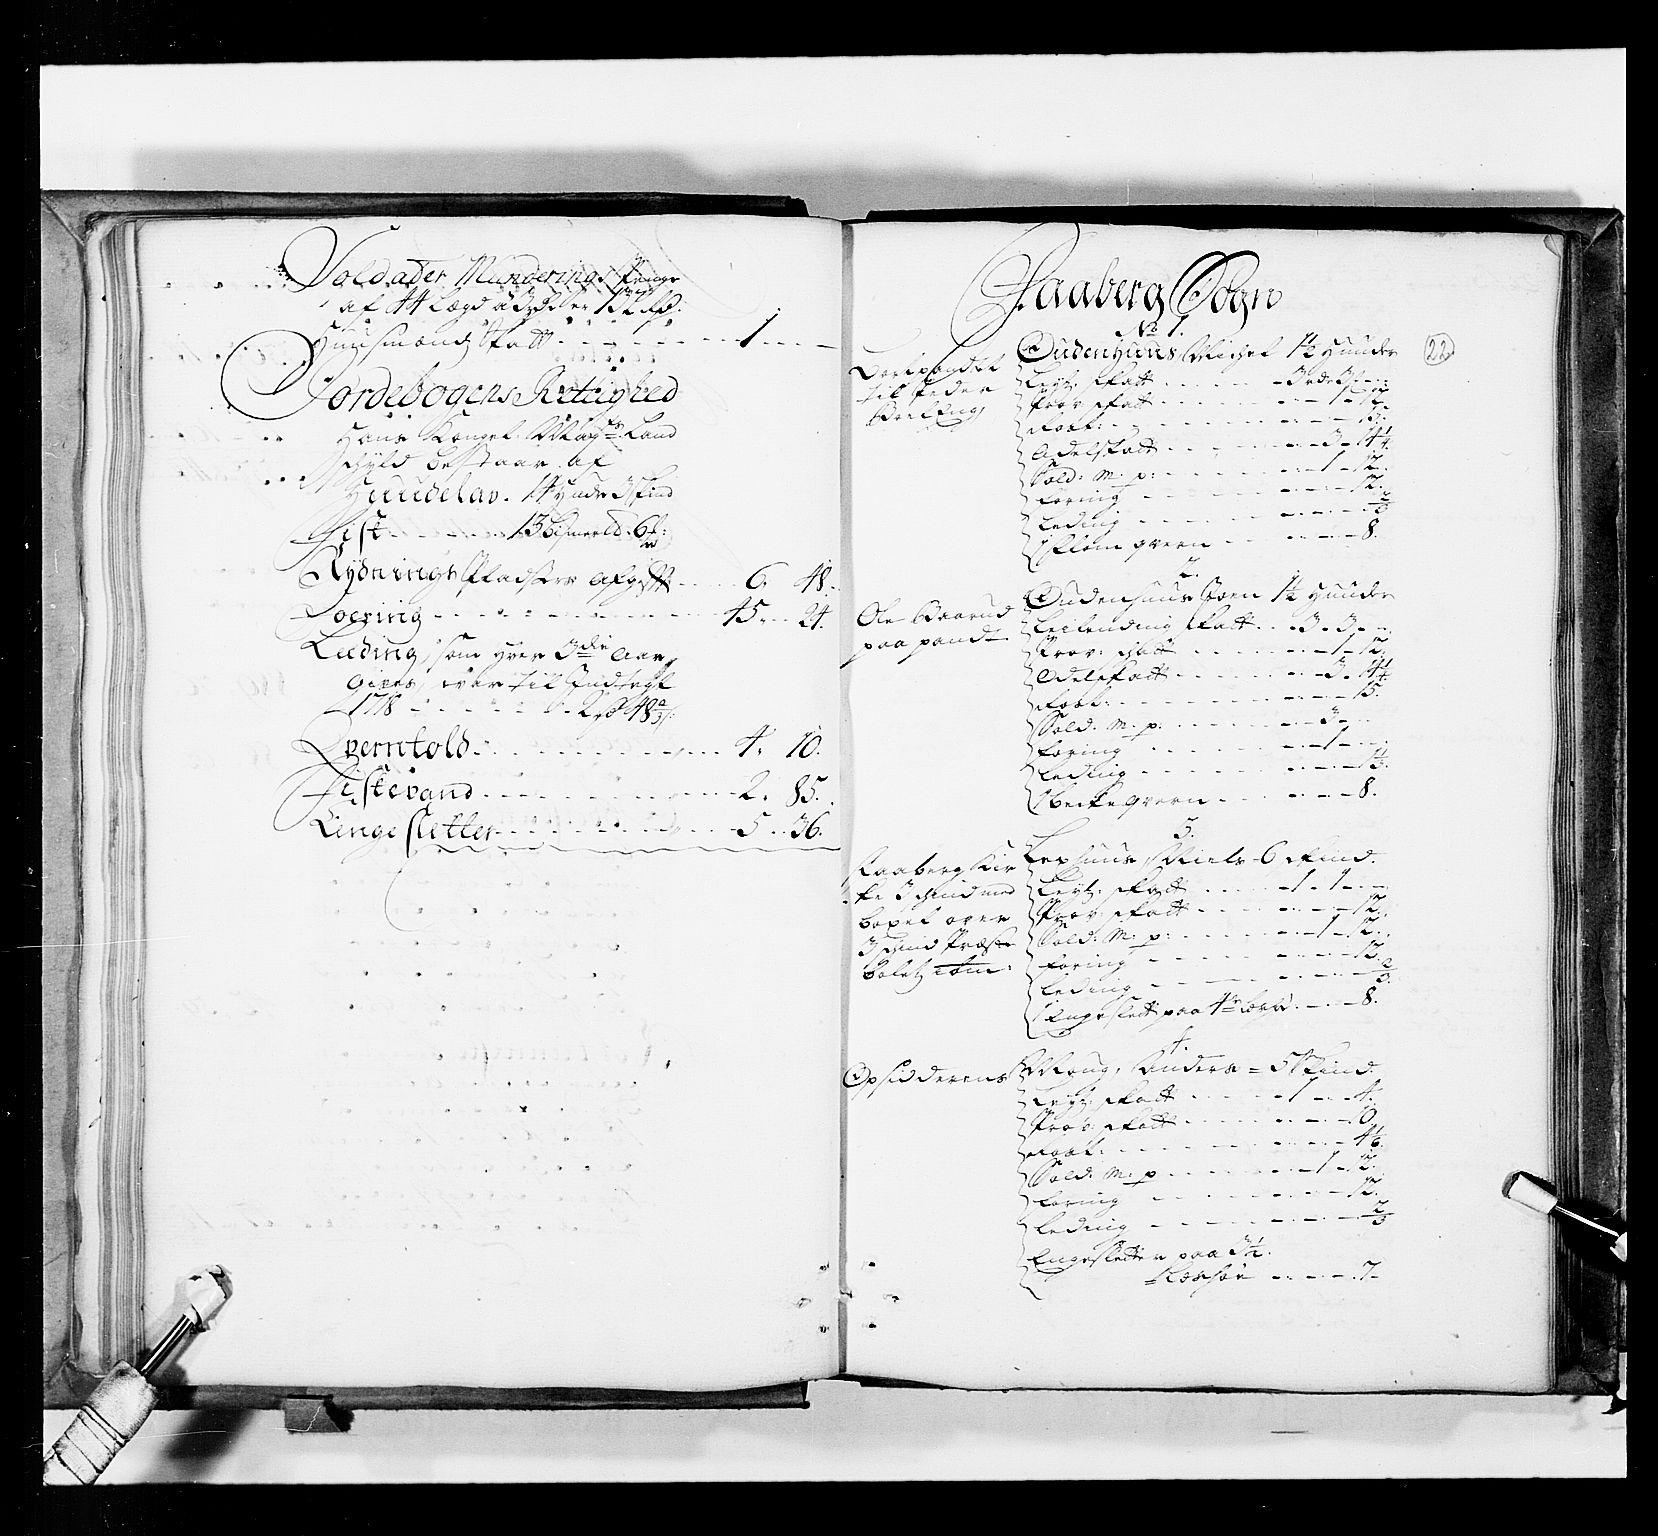 RA, Stattholderembetet 1572-1771, Ek/L0036: Jordebøker 1662-1720:, 1719, s. 21b-22a